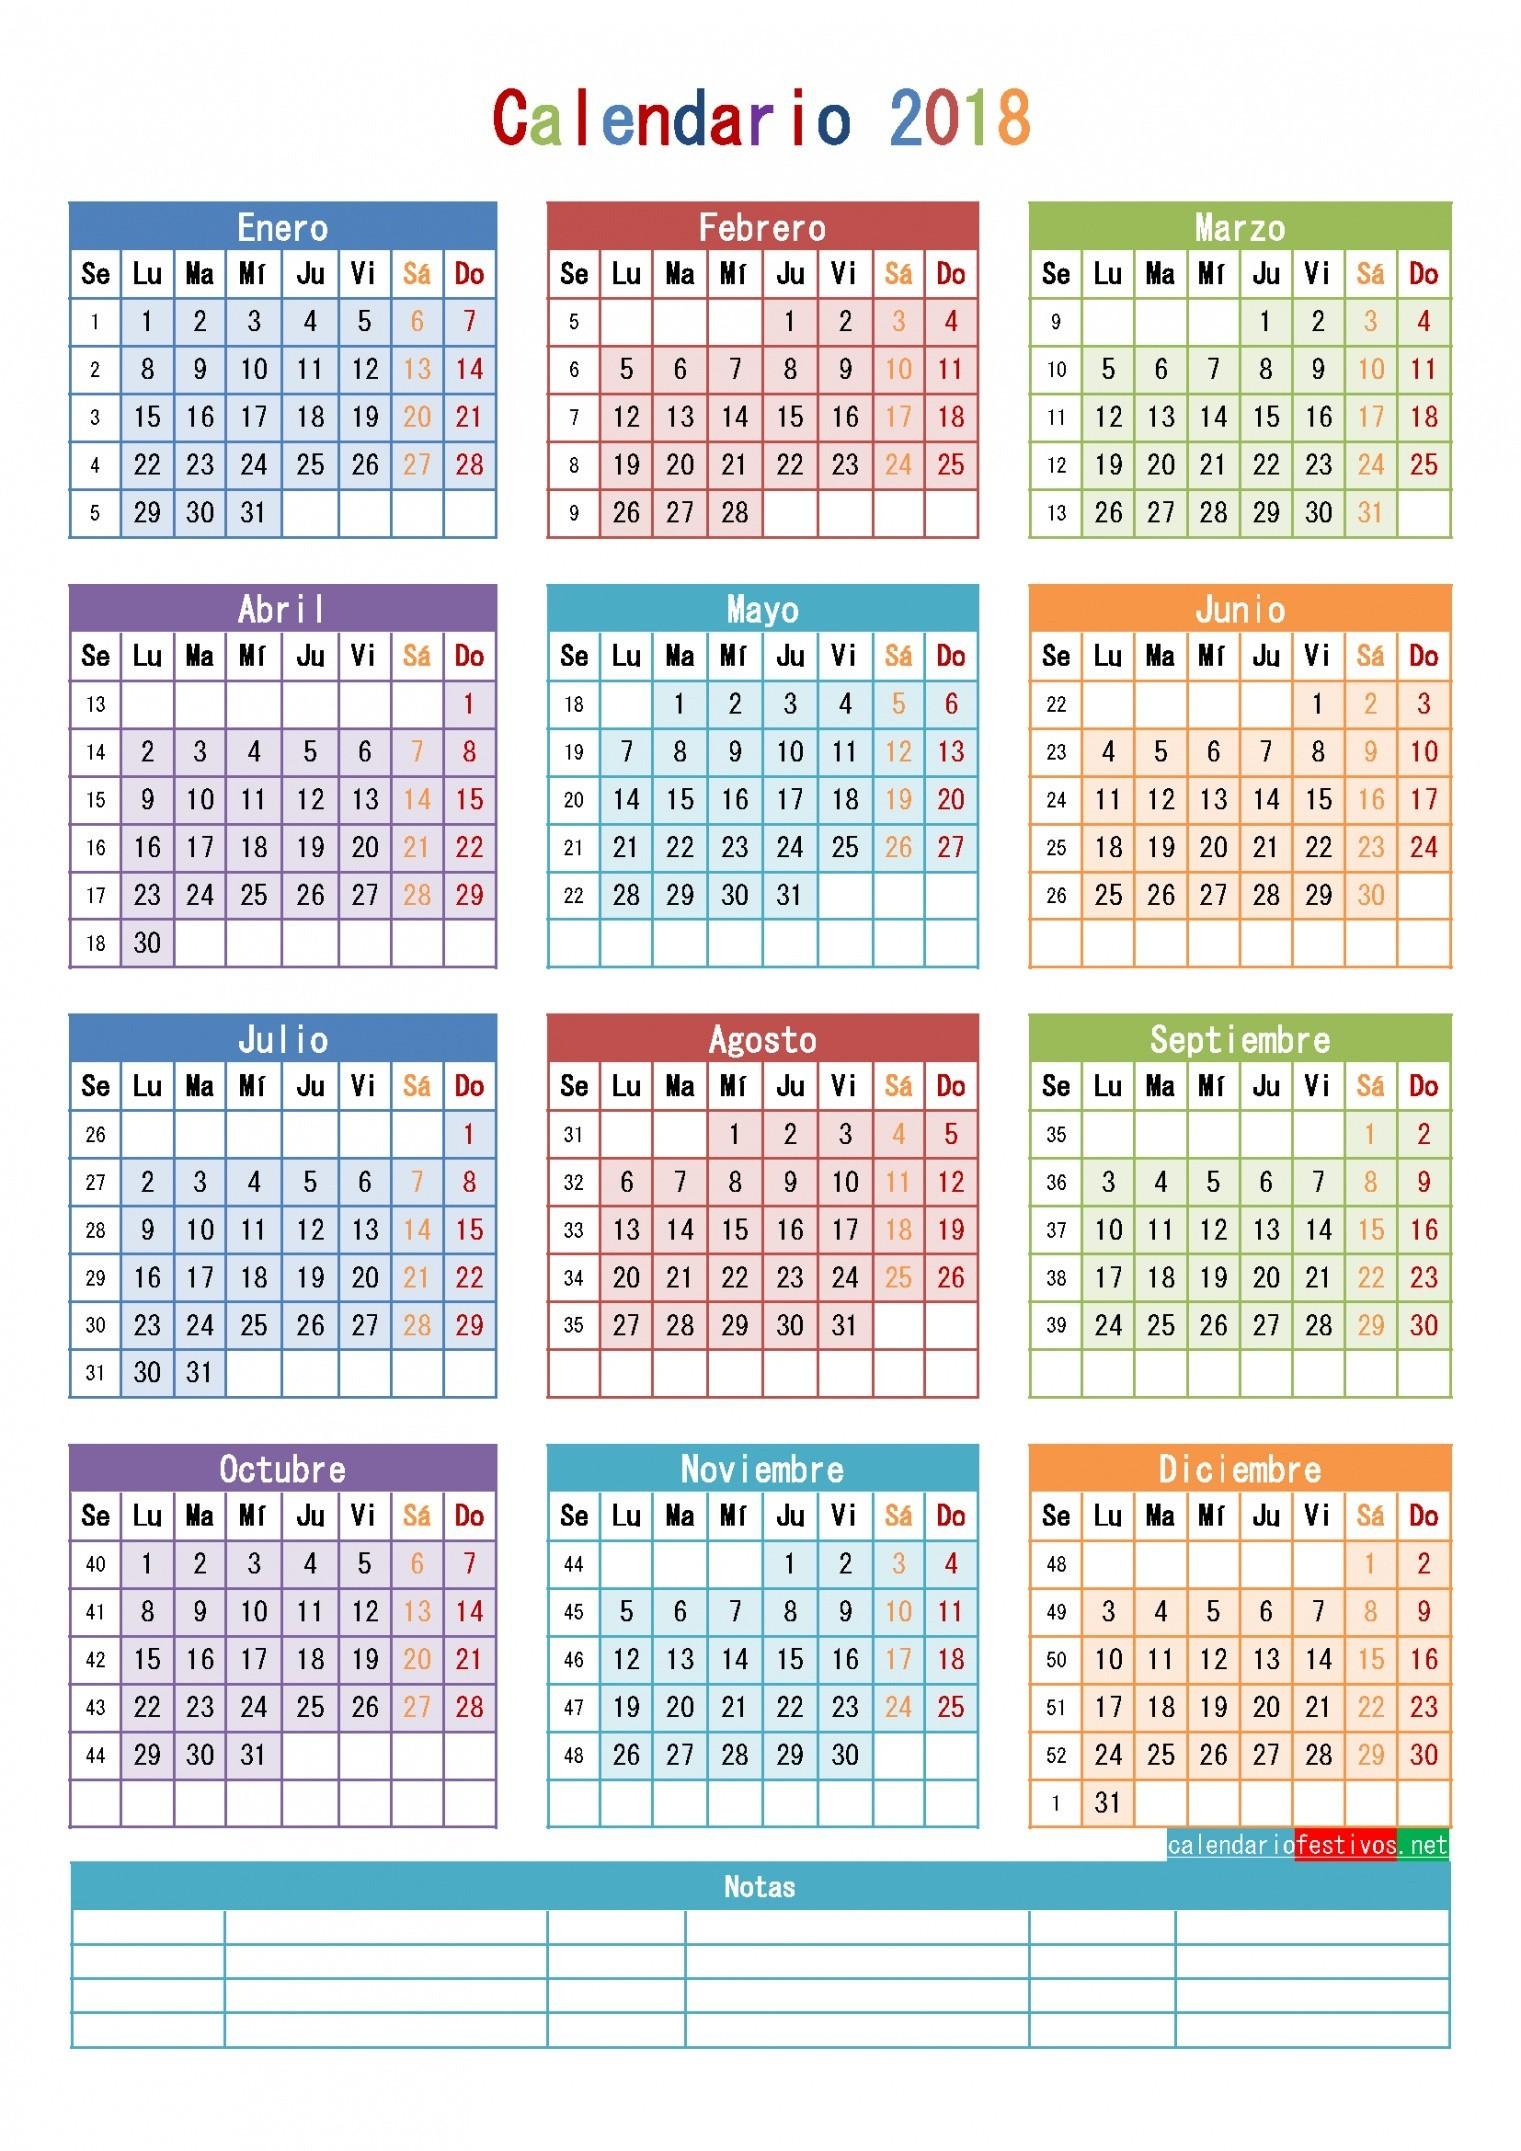 Calendario 2020 Bolivia Con Feriados Más Populares Noticias Calendario 2019 andalucia Of Calendario 2020 Bolivia Con Feriados Más Recientes Sharp Deutschland